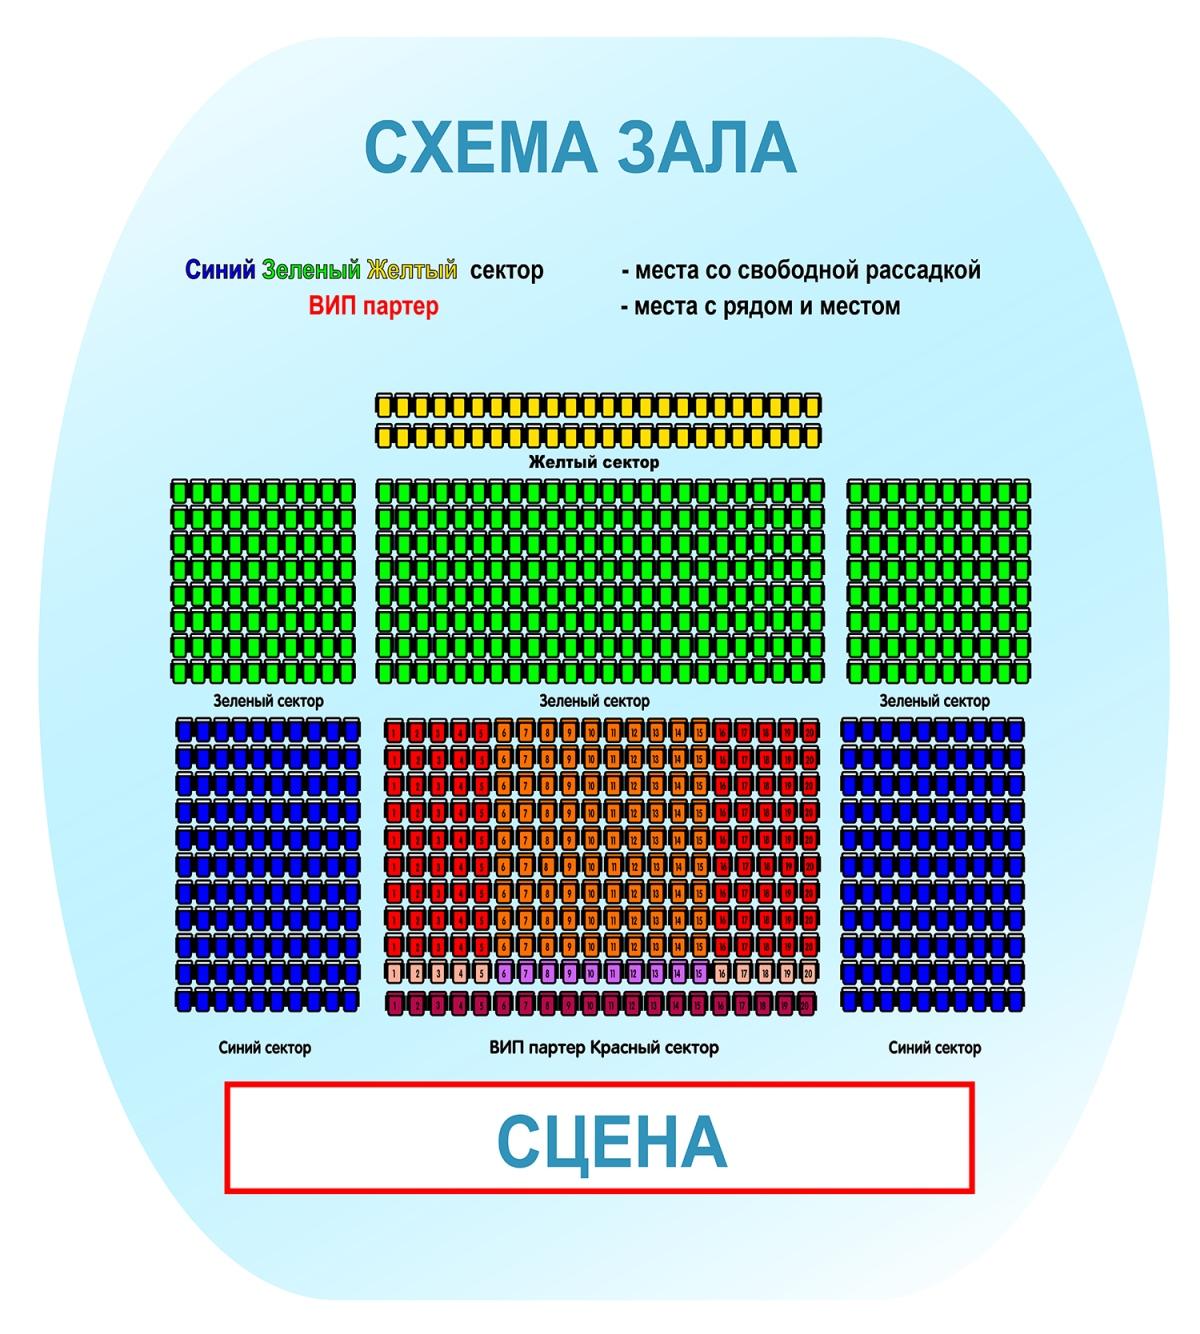 Схема зала Киноконцерн «Мосфильм»